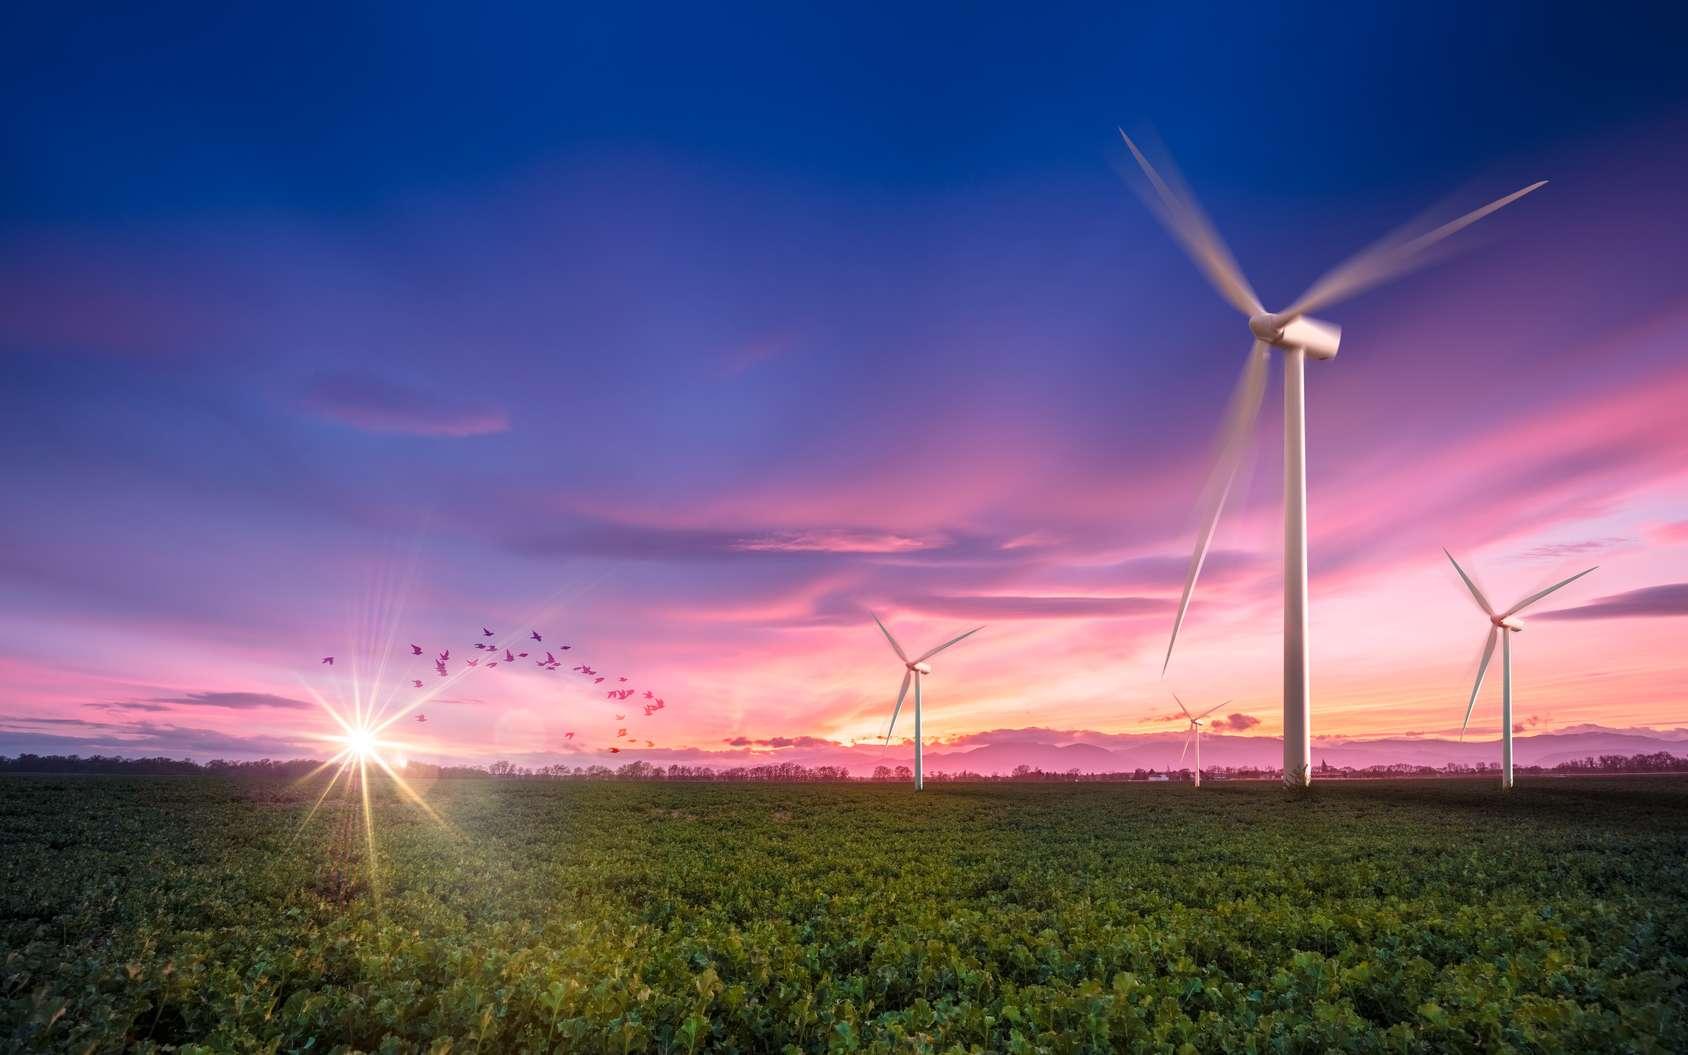 Il existe différents types d'éoliennes. Ici, des éoliennes conventionnelles, à axe horizontal. © Chlorophylle, Fotolia